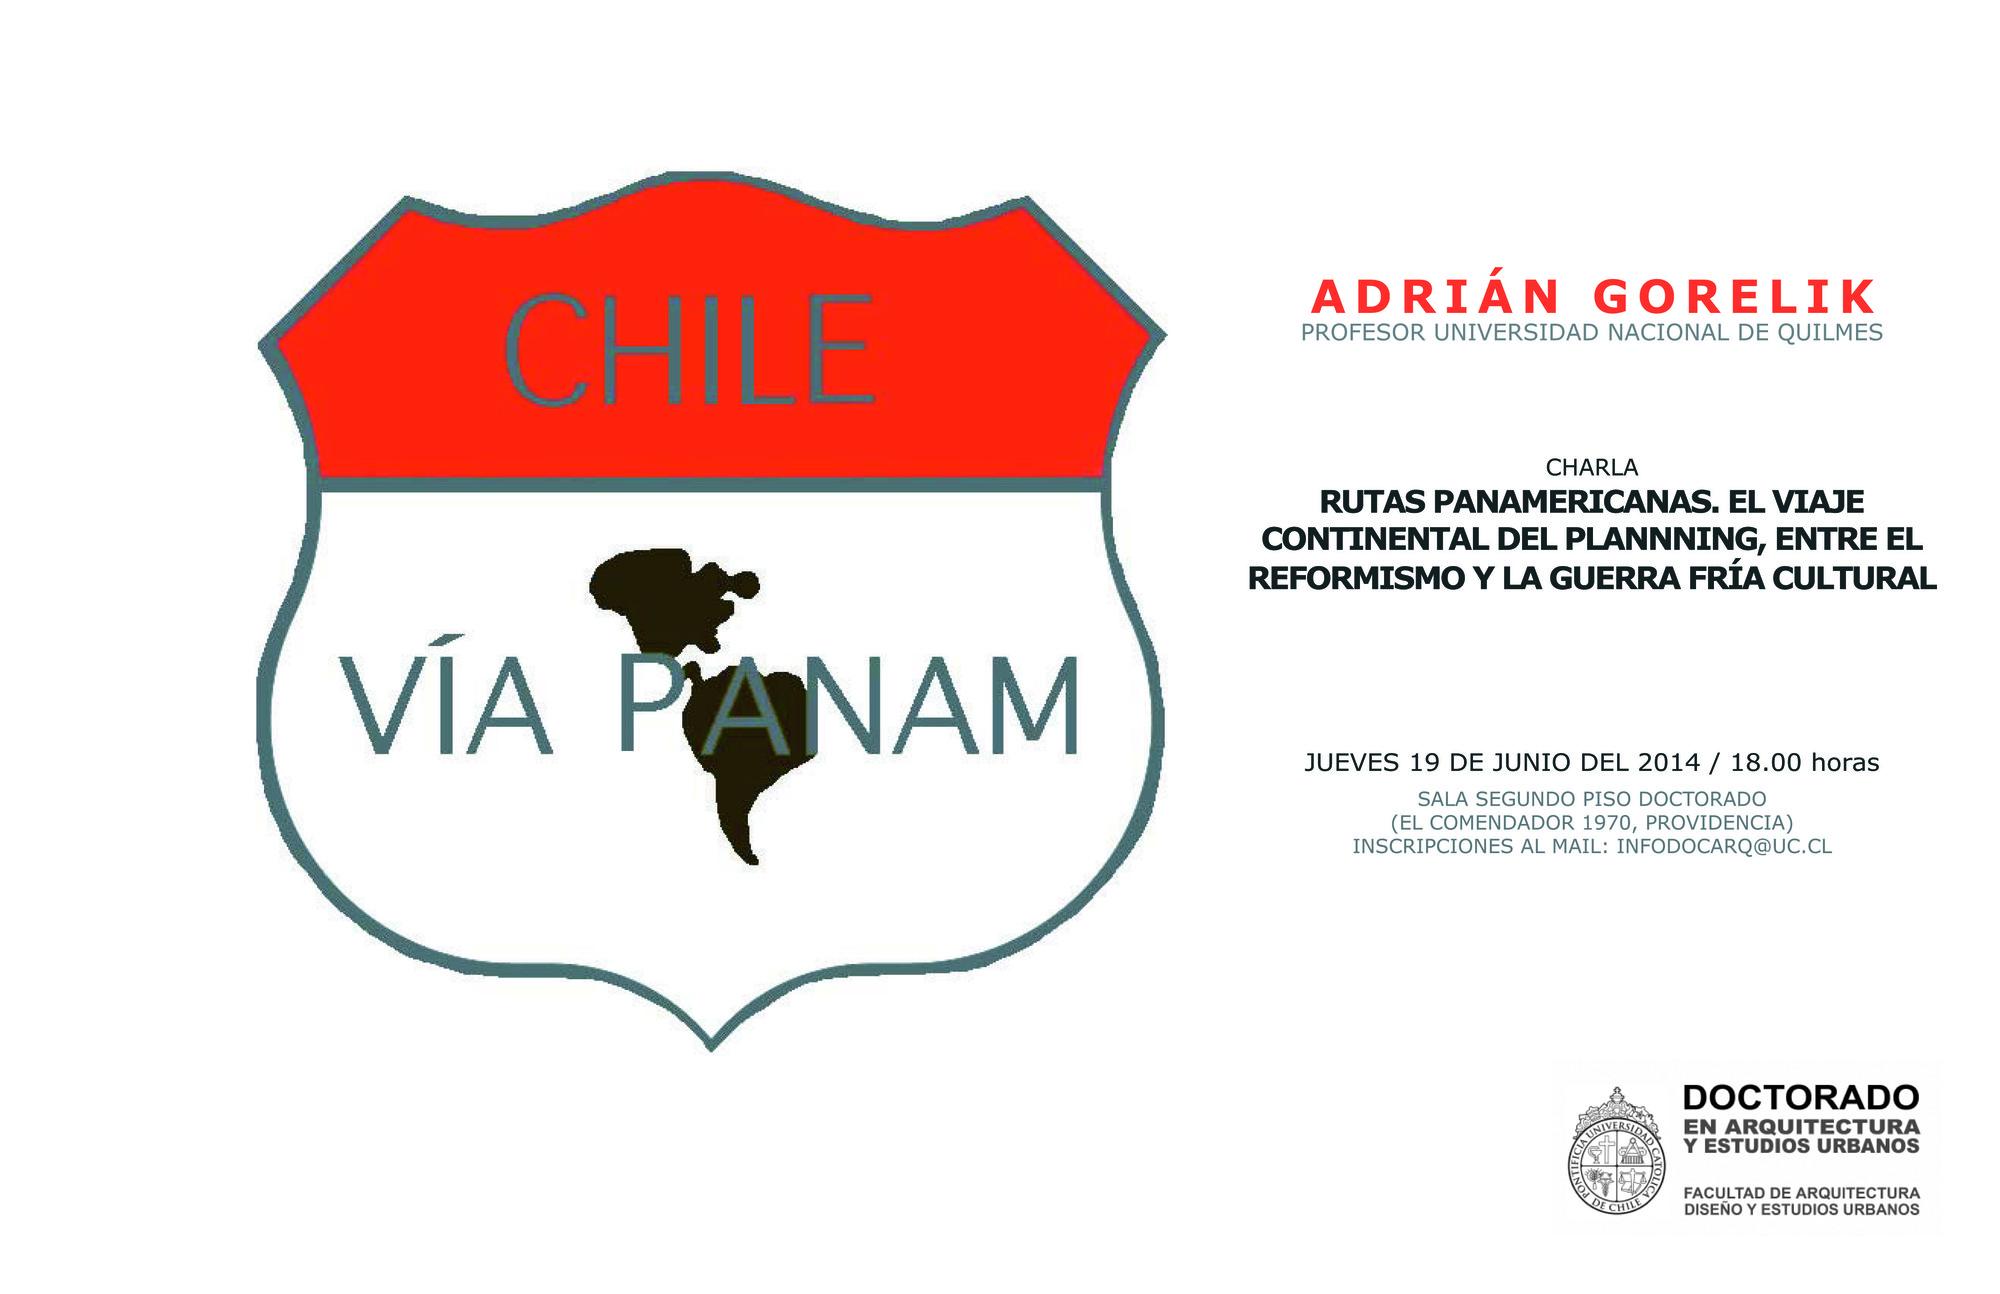 """Charla: Adrián Gorelik """"Rutas panamericanas. El viaje continental del planning"""" / Santiago, Chile"""